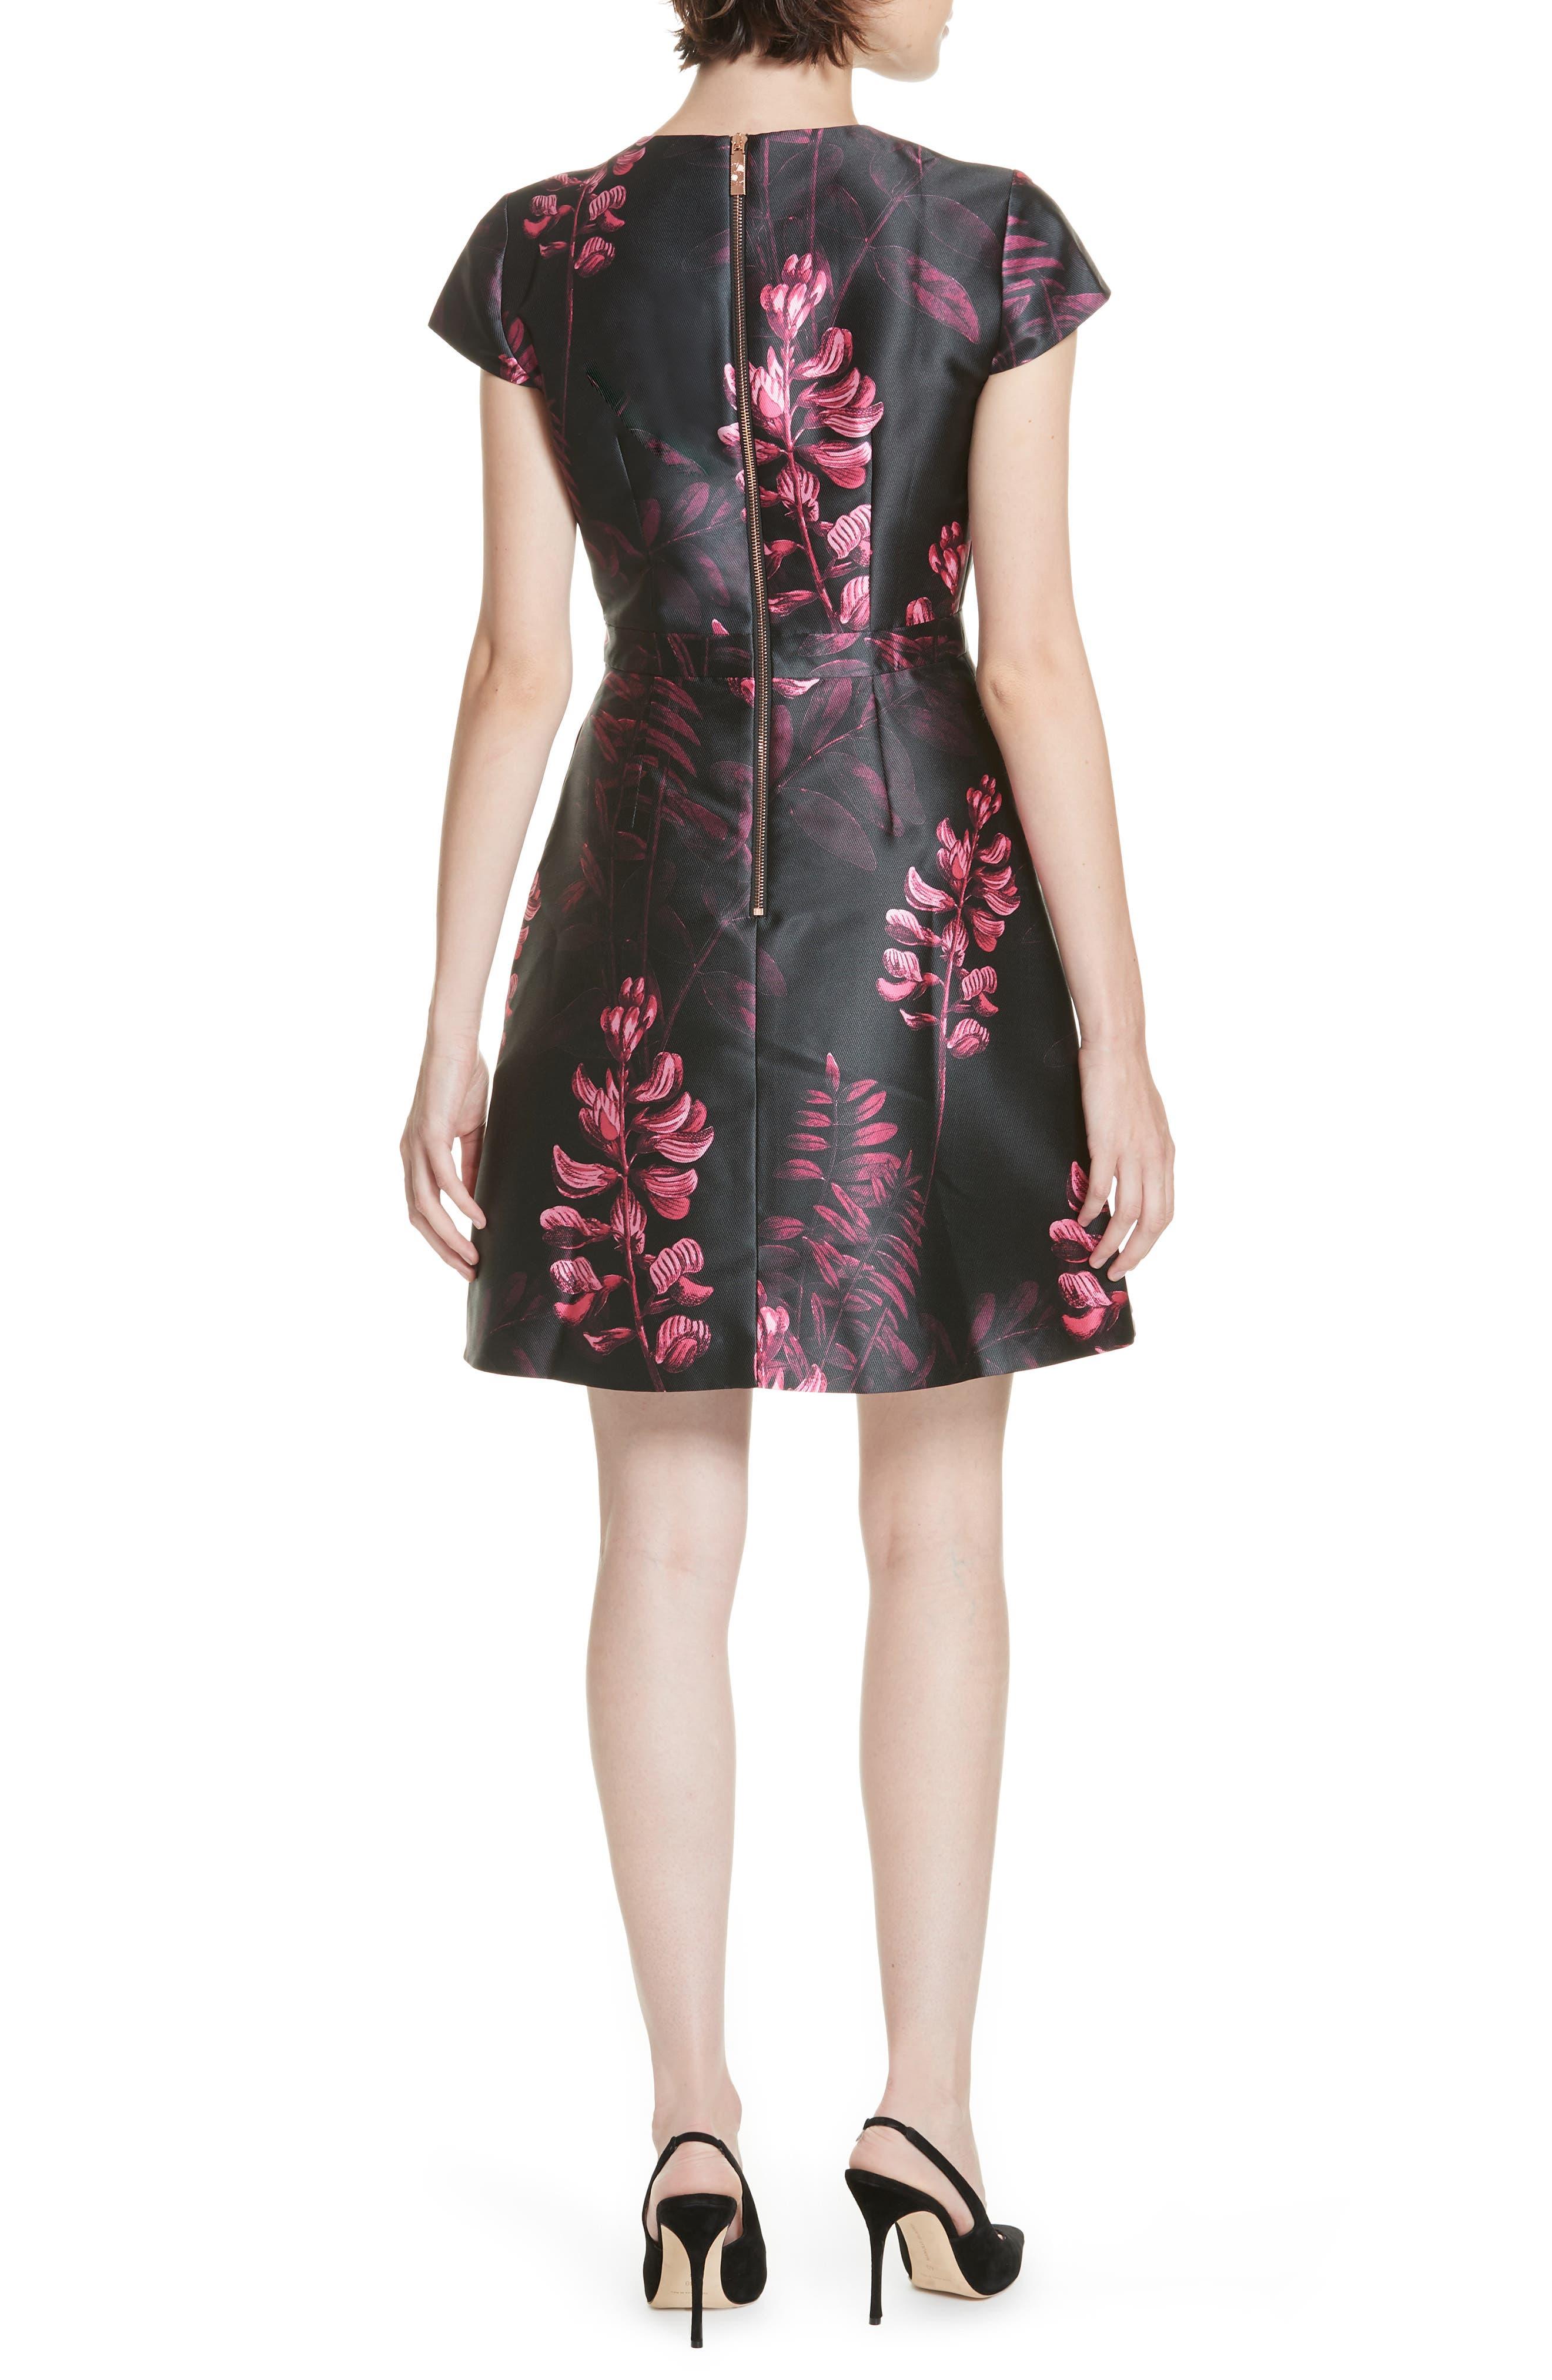 Jebby Splendor Jacquard Fit & Flare Dress,                             Alternate thumbnail 2, color,                             001